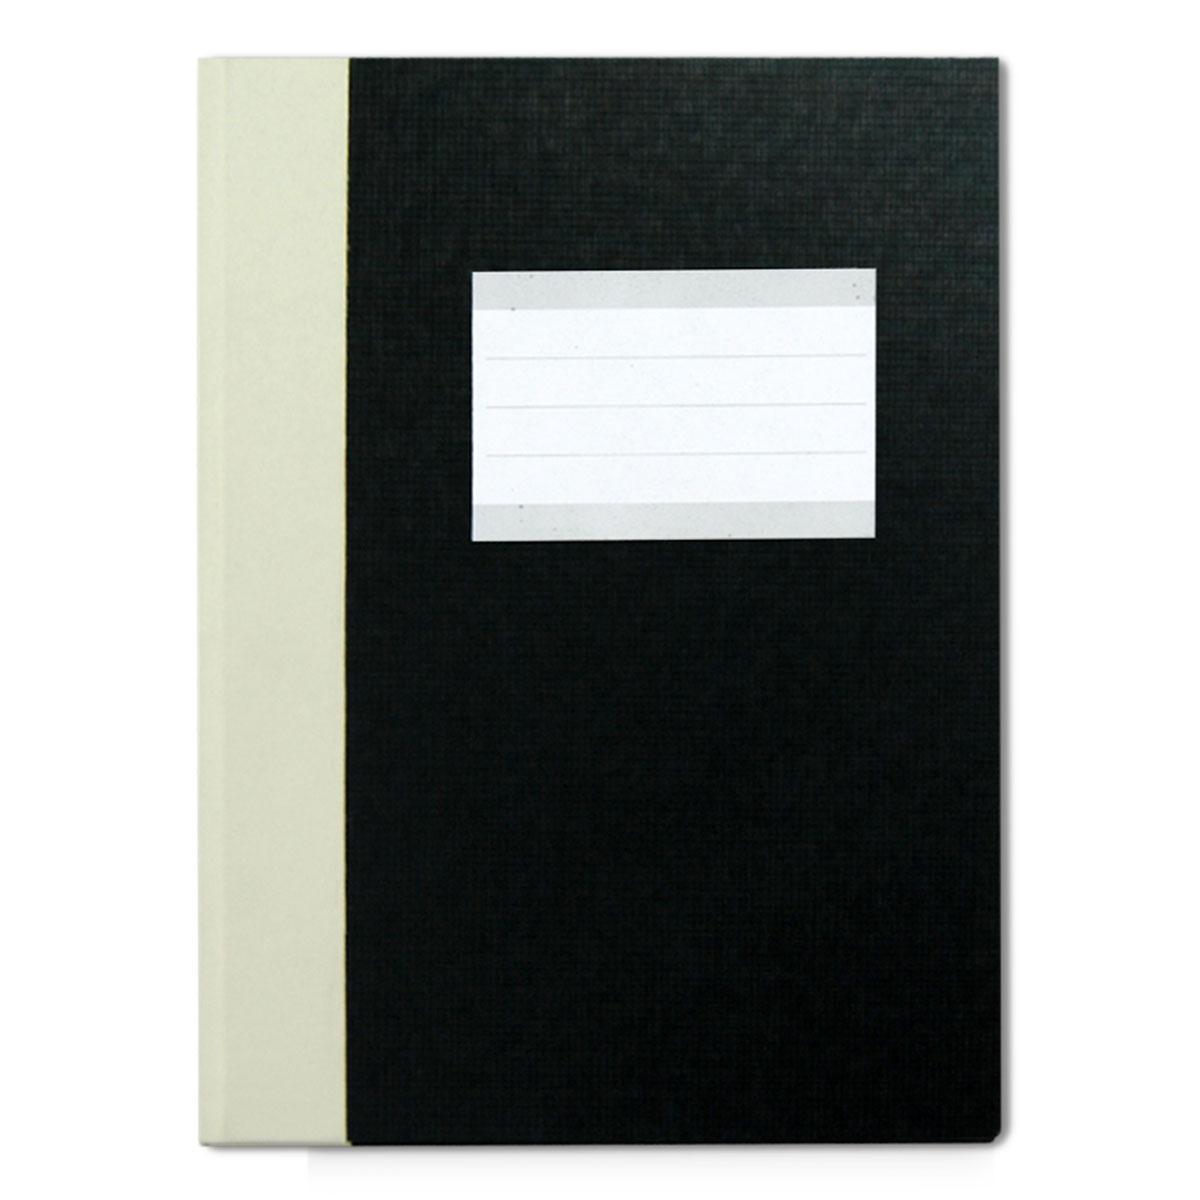 Geschäftsbuch DIN A4, kariert Image